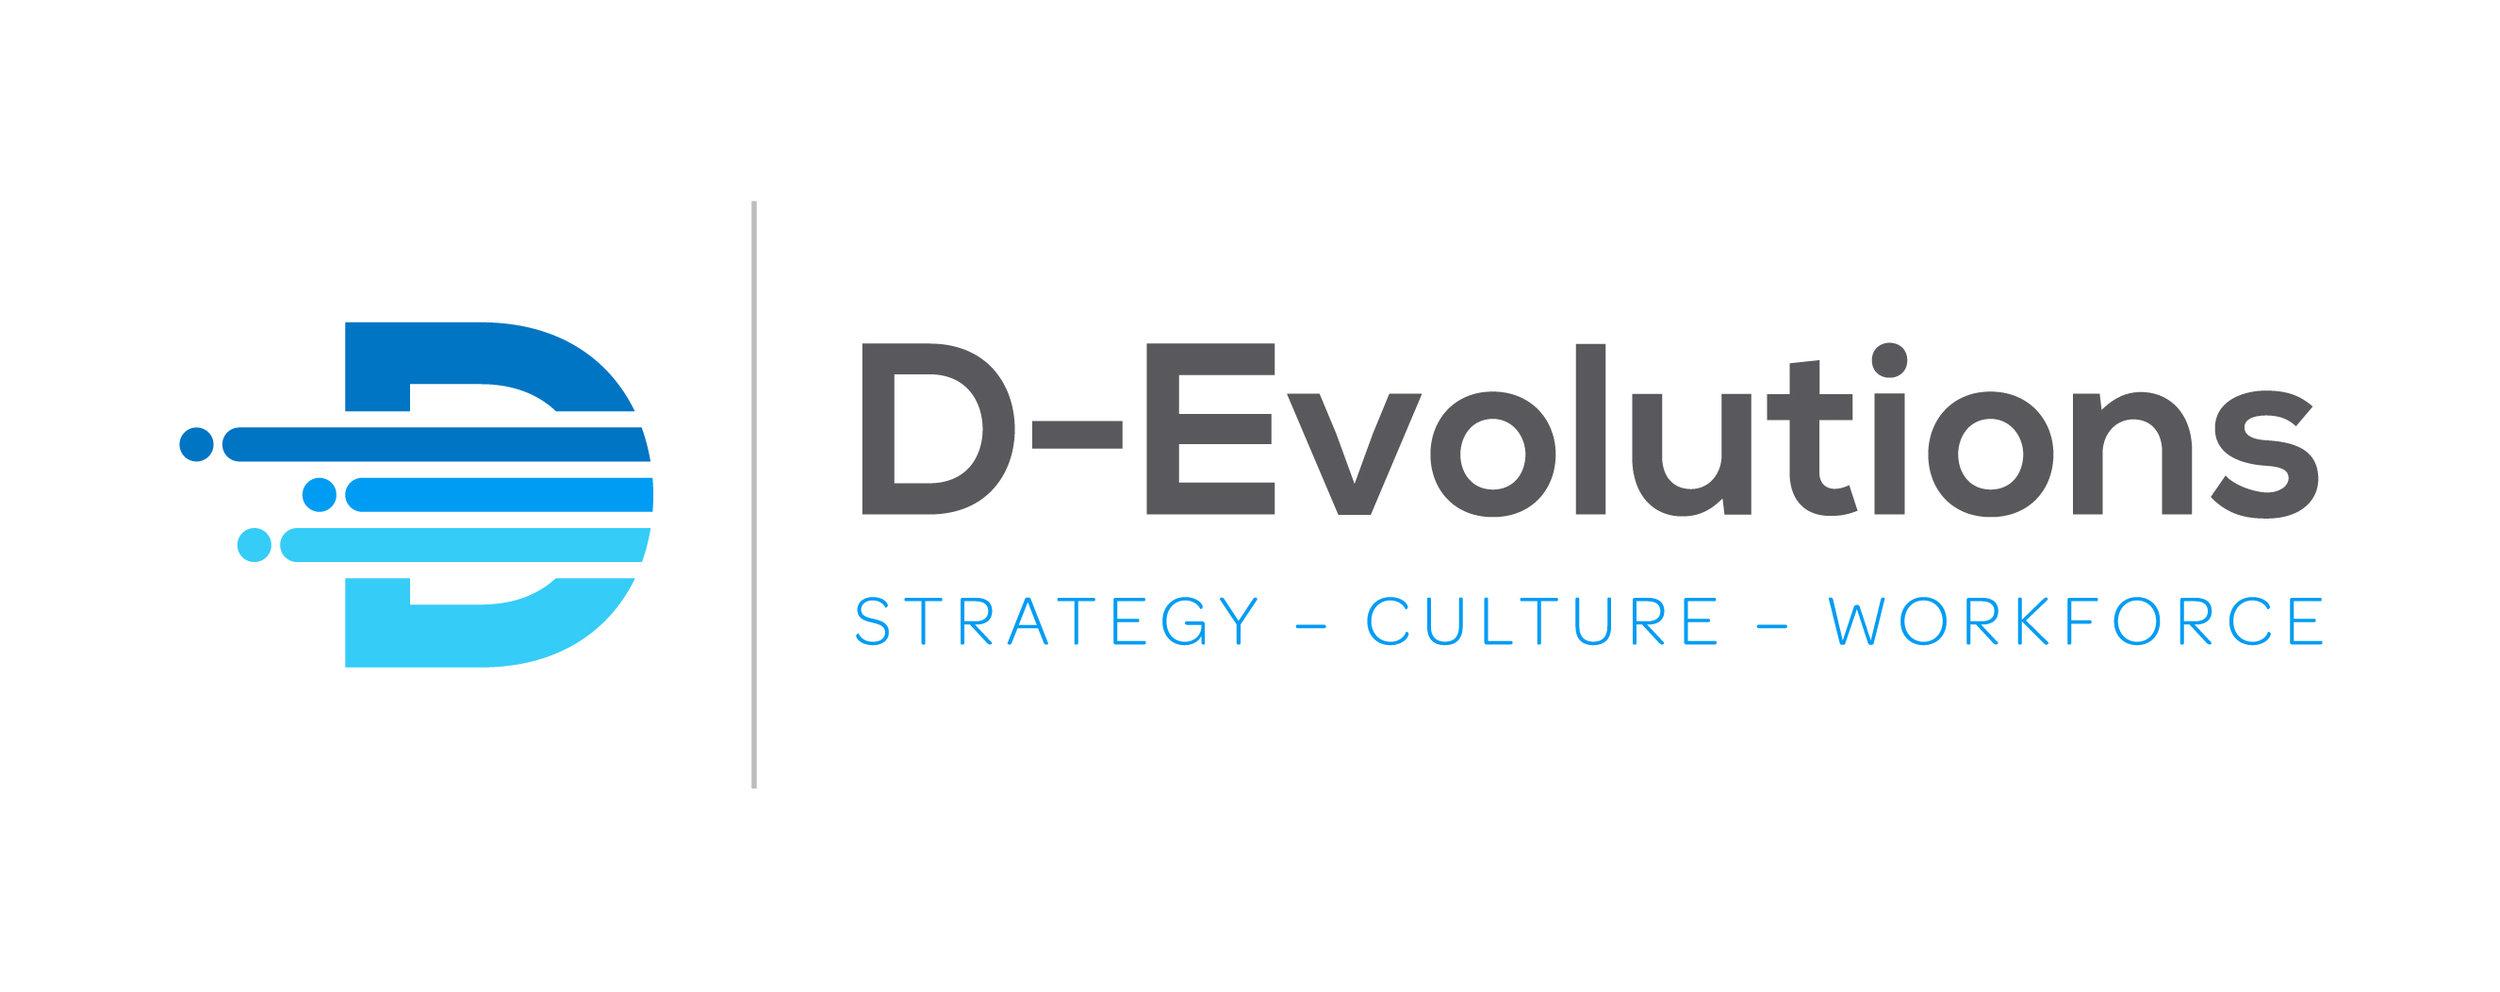 d-evolutions_.jpg